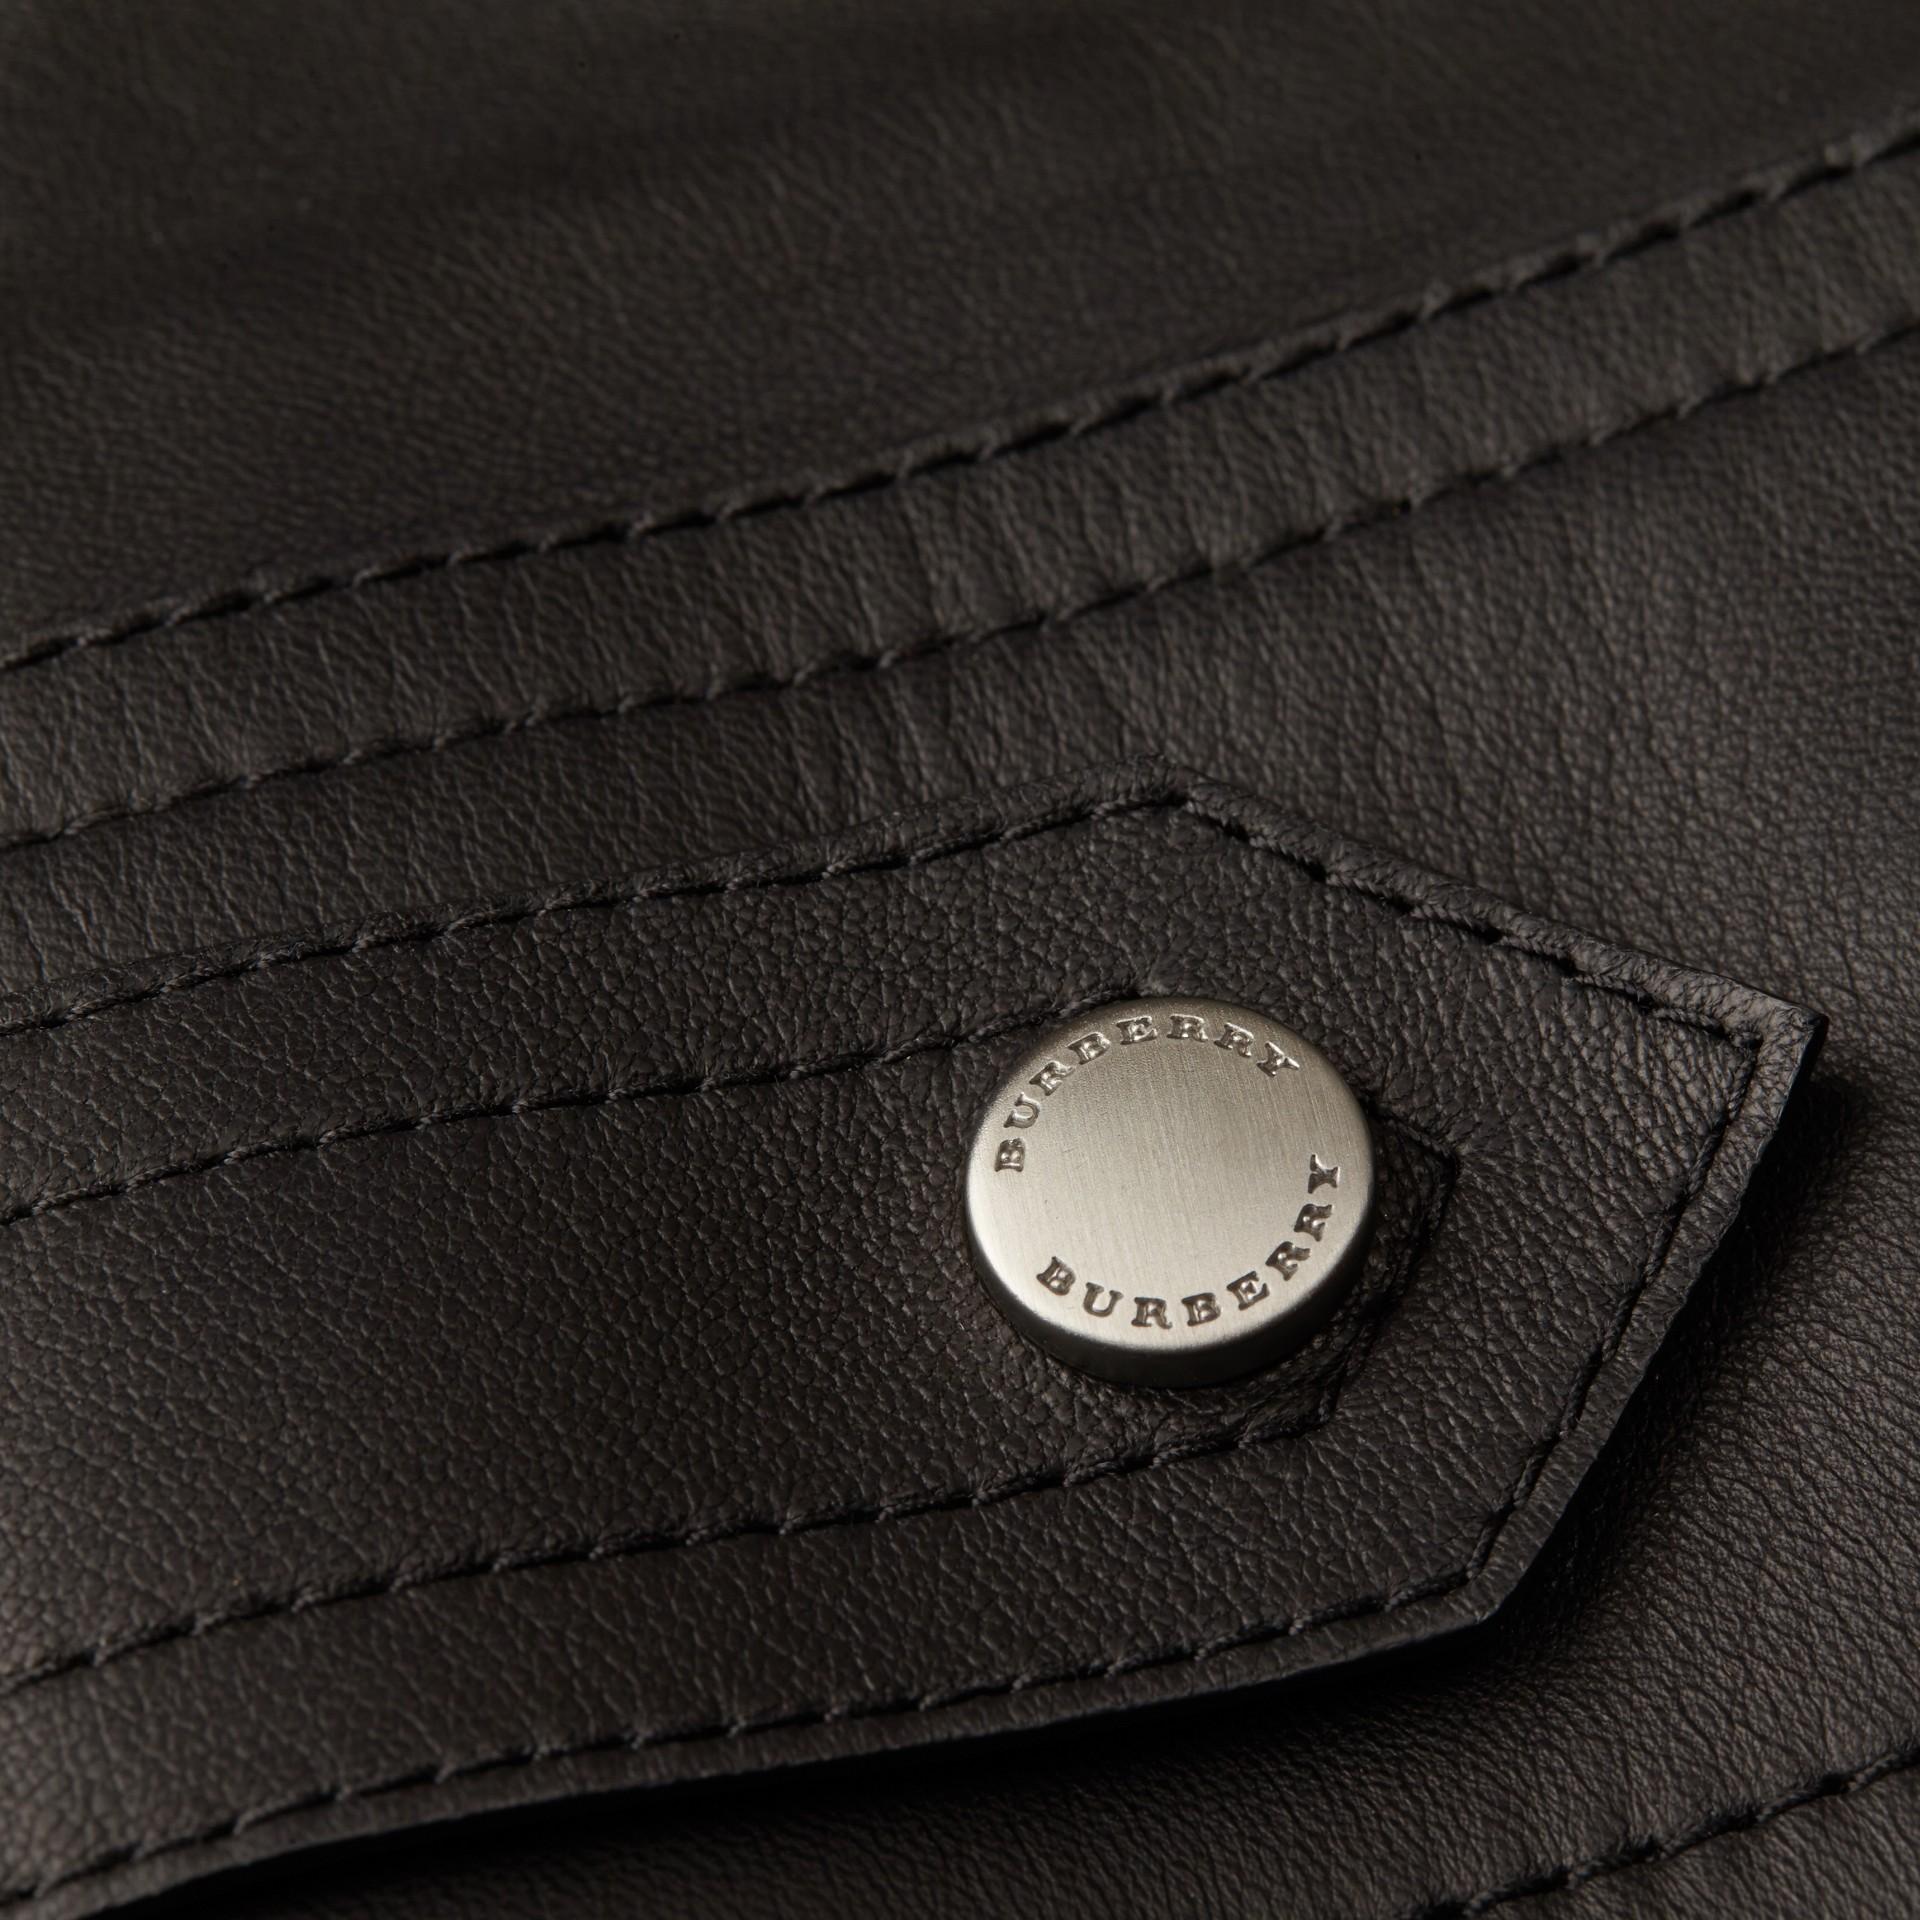 ブラック ライトウェイト ラムスキン バイカージャケット - ギャラリーイメージ 2